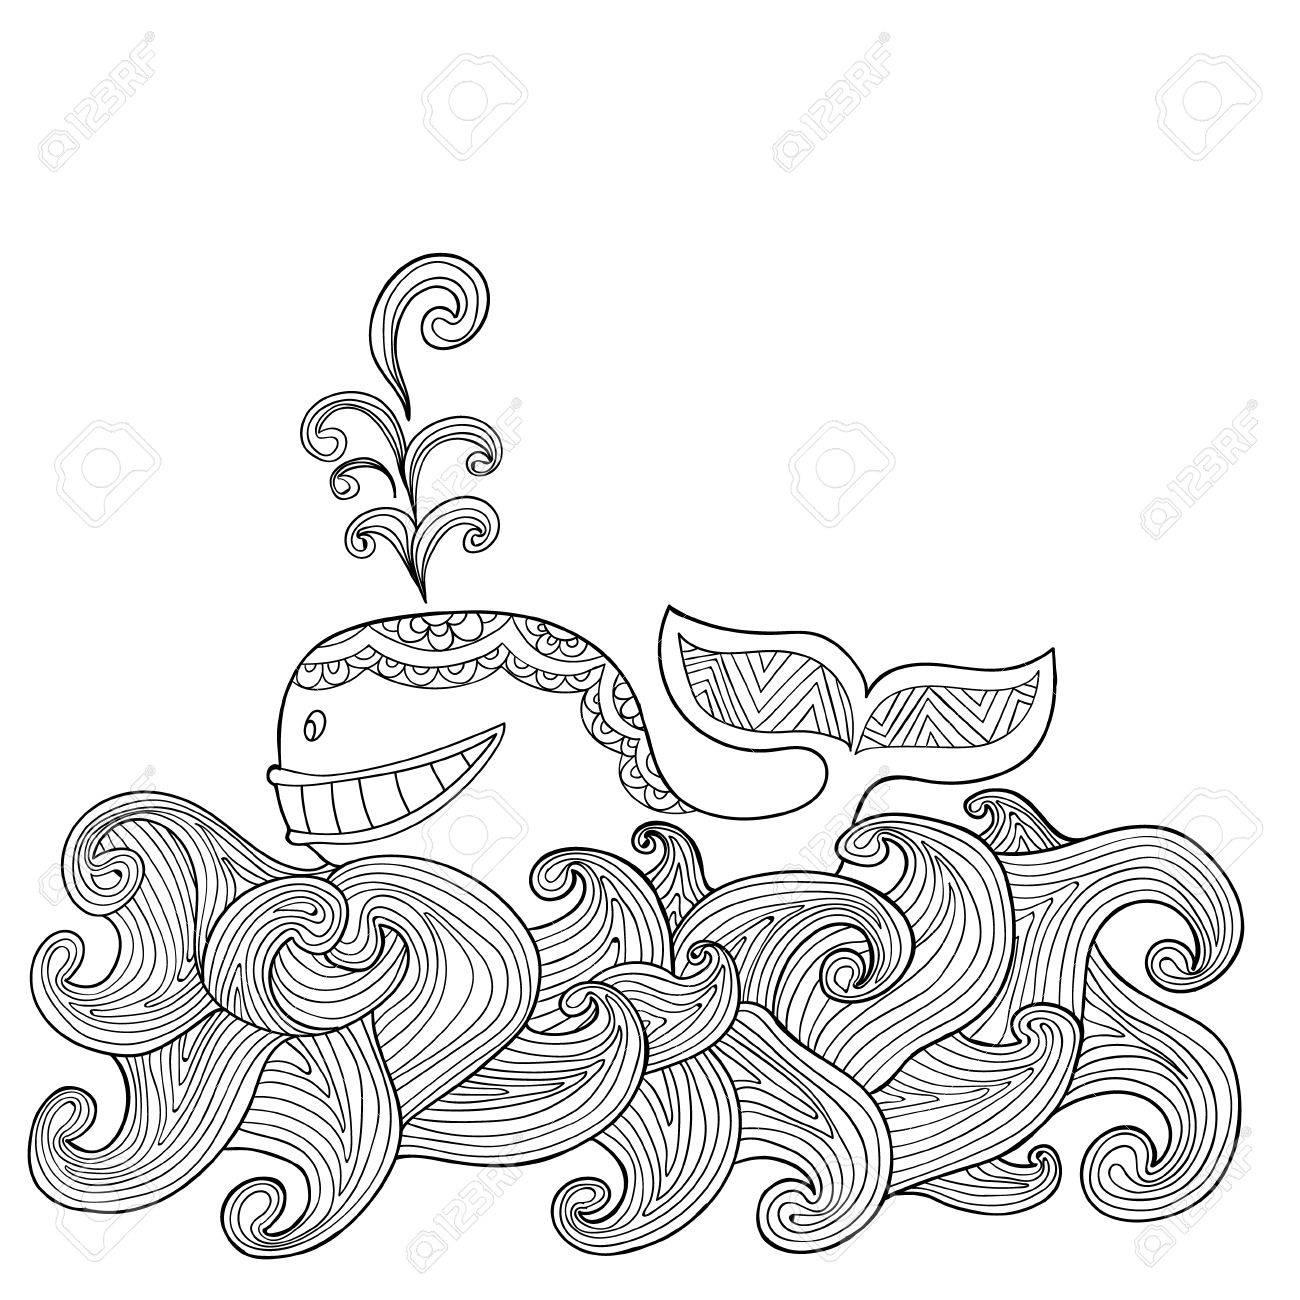 Dibujado A Mano Delfín Zentangle Con Las Olas Del Mar De